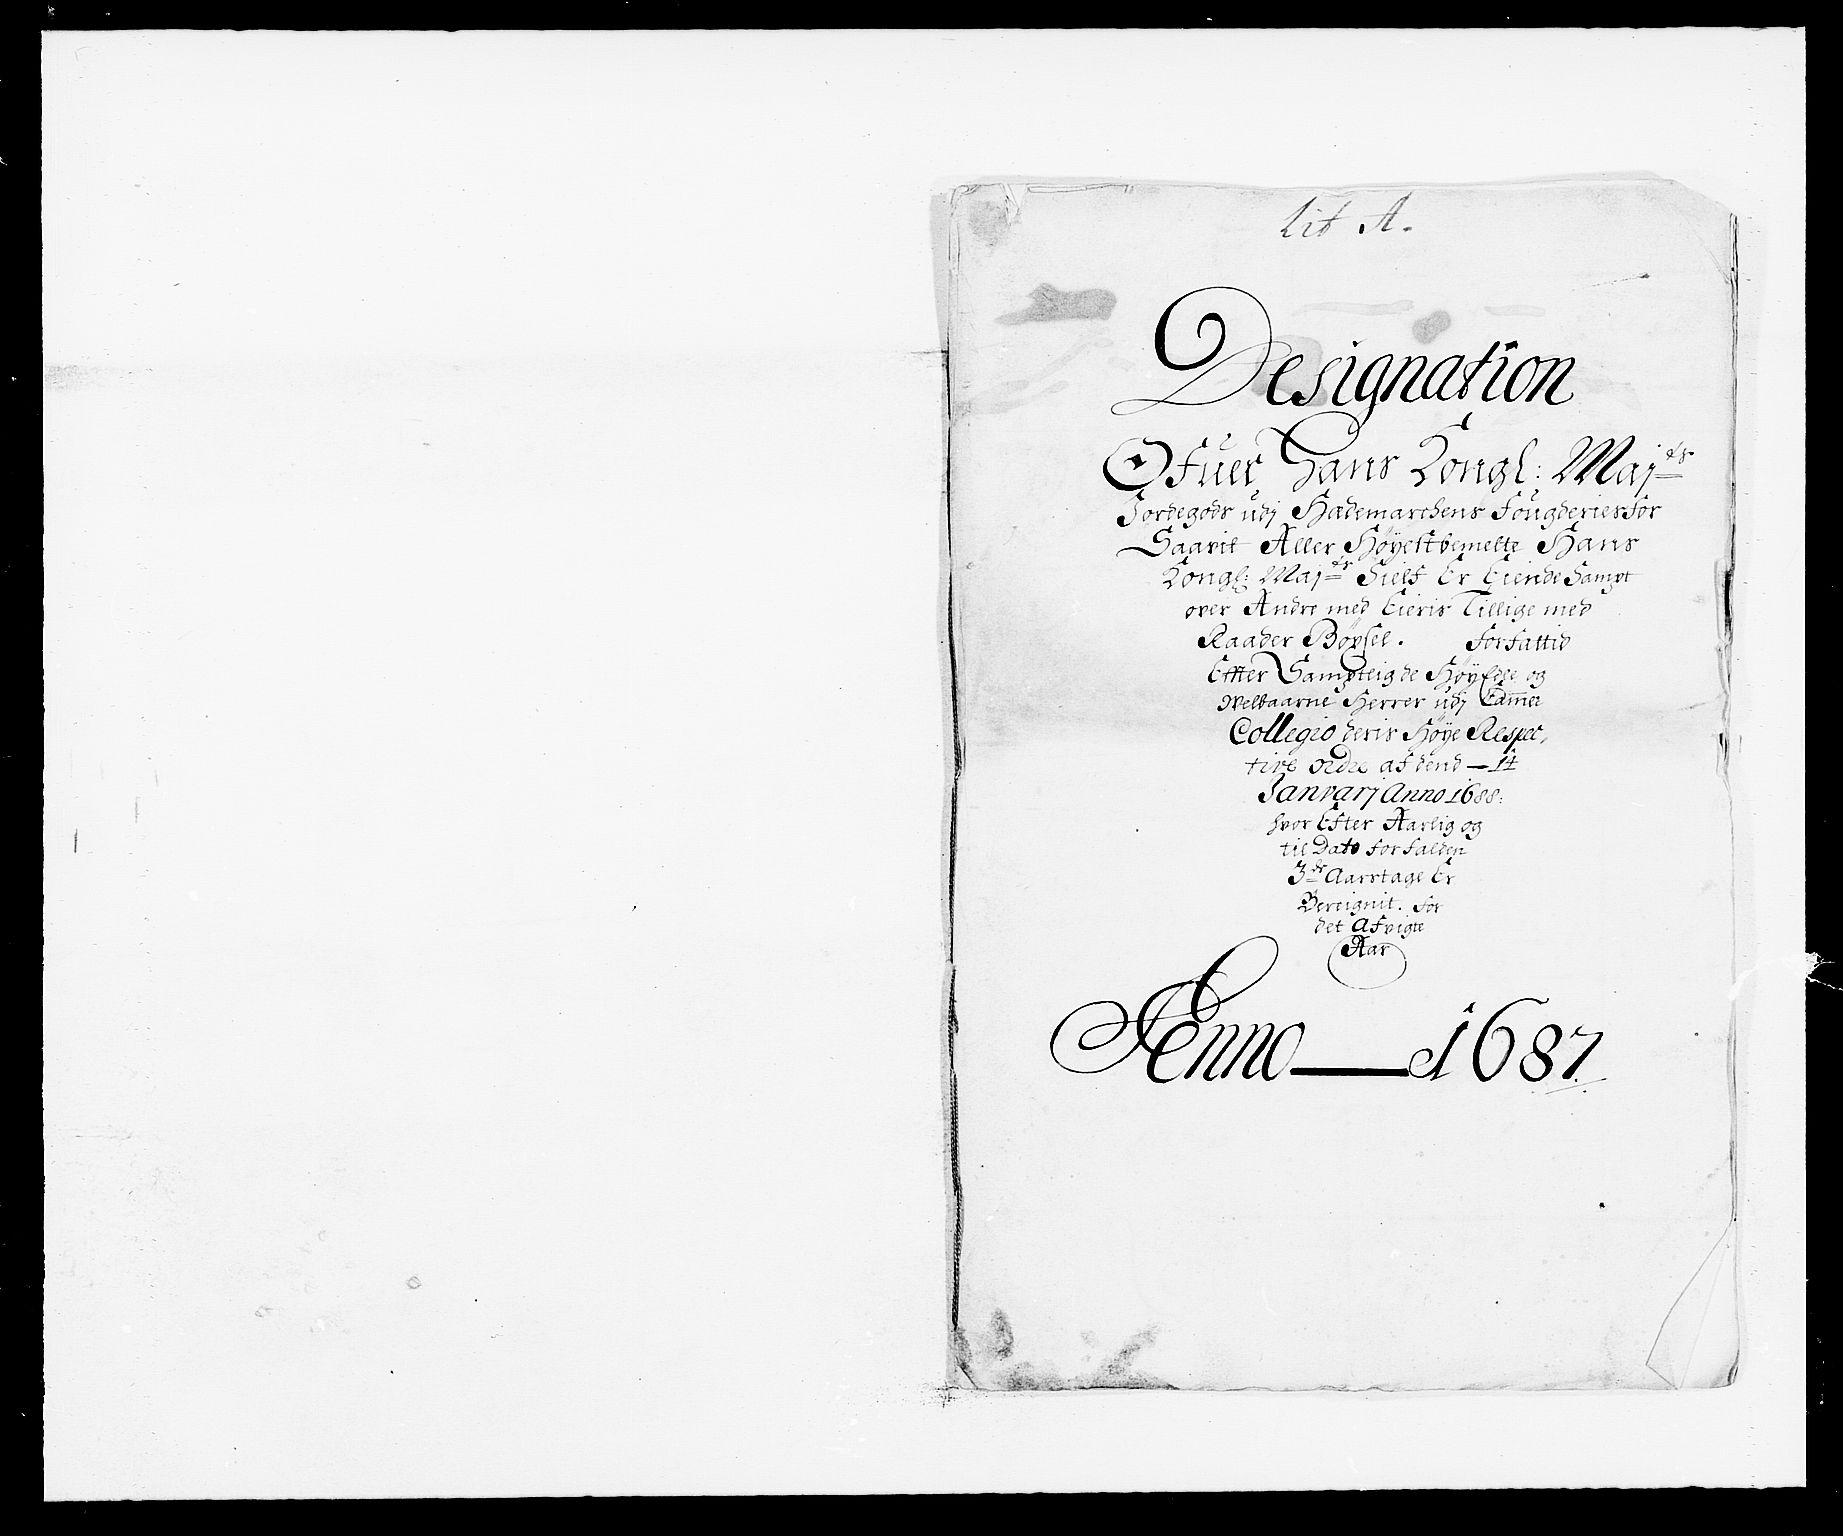 RA, Rentekammeret inntil 1814, Reviderte regnskaper, Fogderegnskap, R16/L1028: Fogderegnskap Hedmark, 1687, s. 26